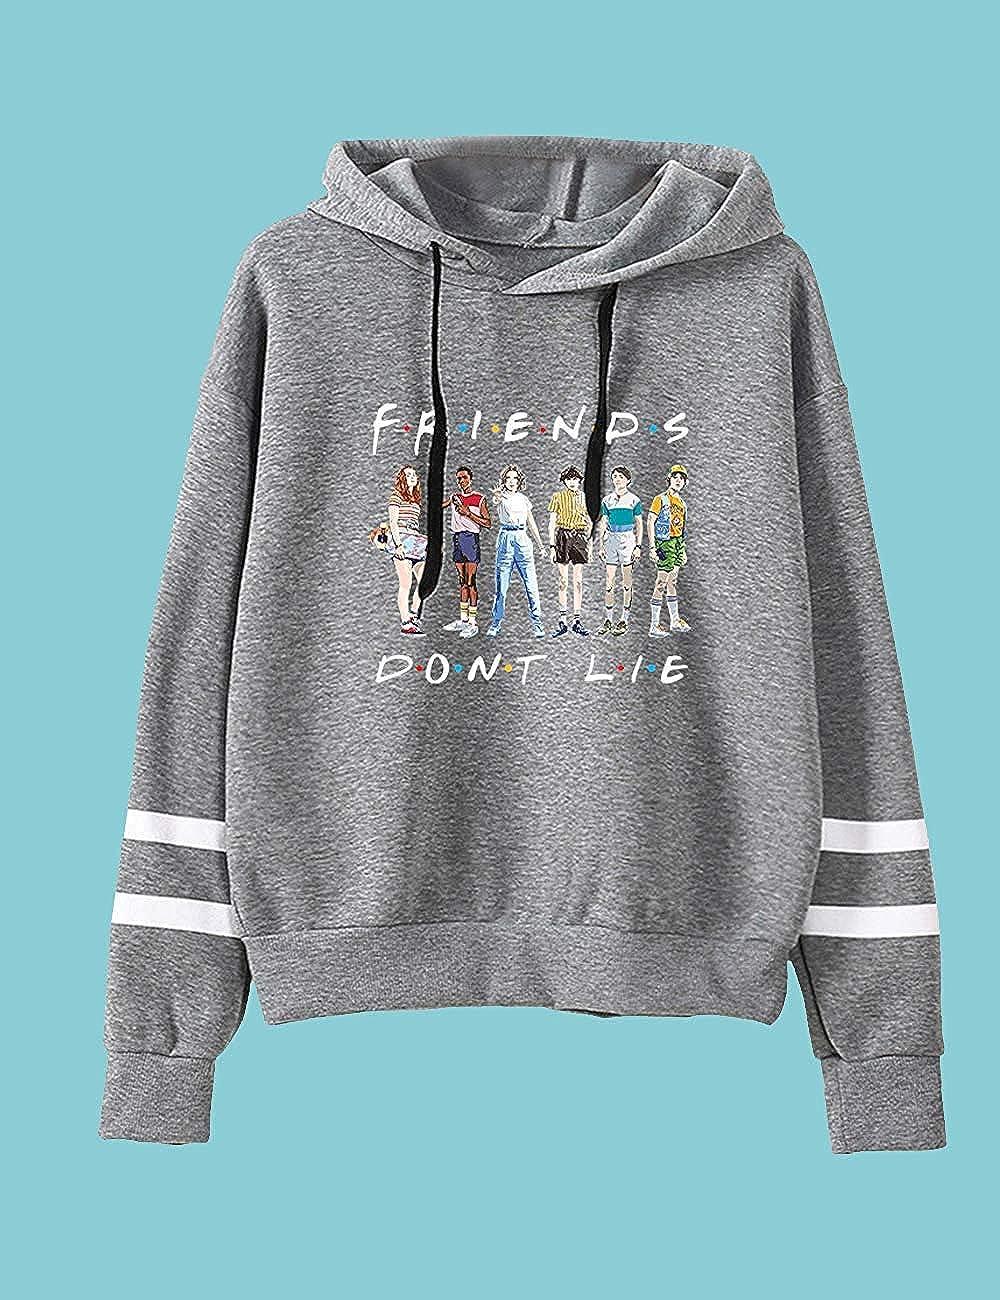 PZJ Womens Stranger Things Sweatshirt Friends Dont Lie Printed Striped Pullover Hoodie Casual Streetwear Hoody Jumper